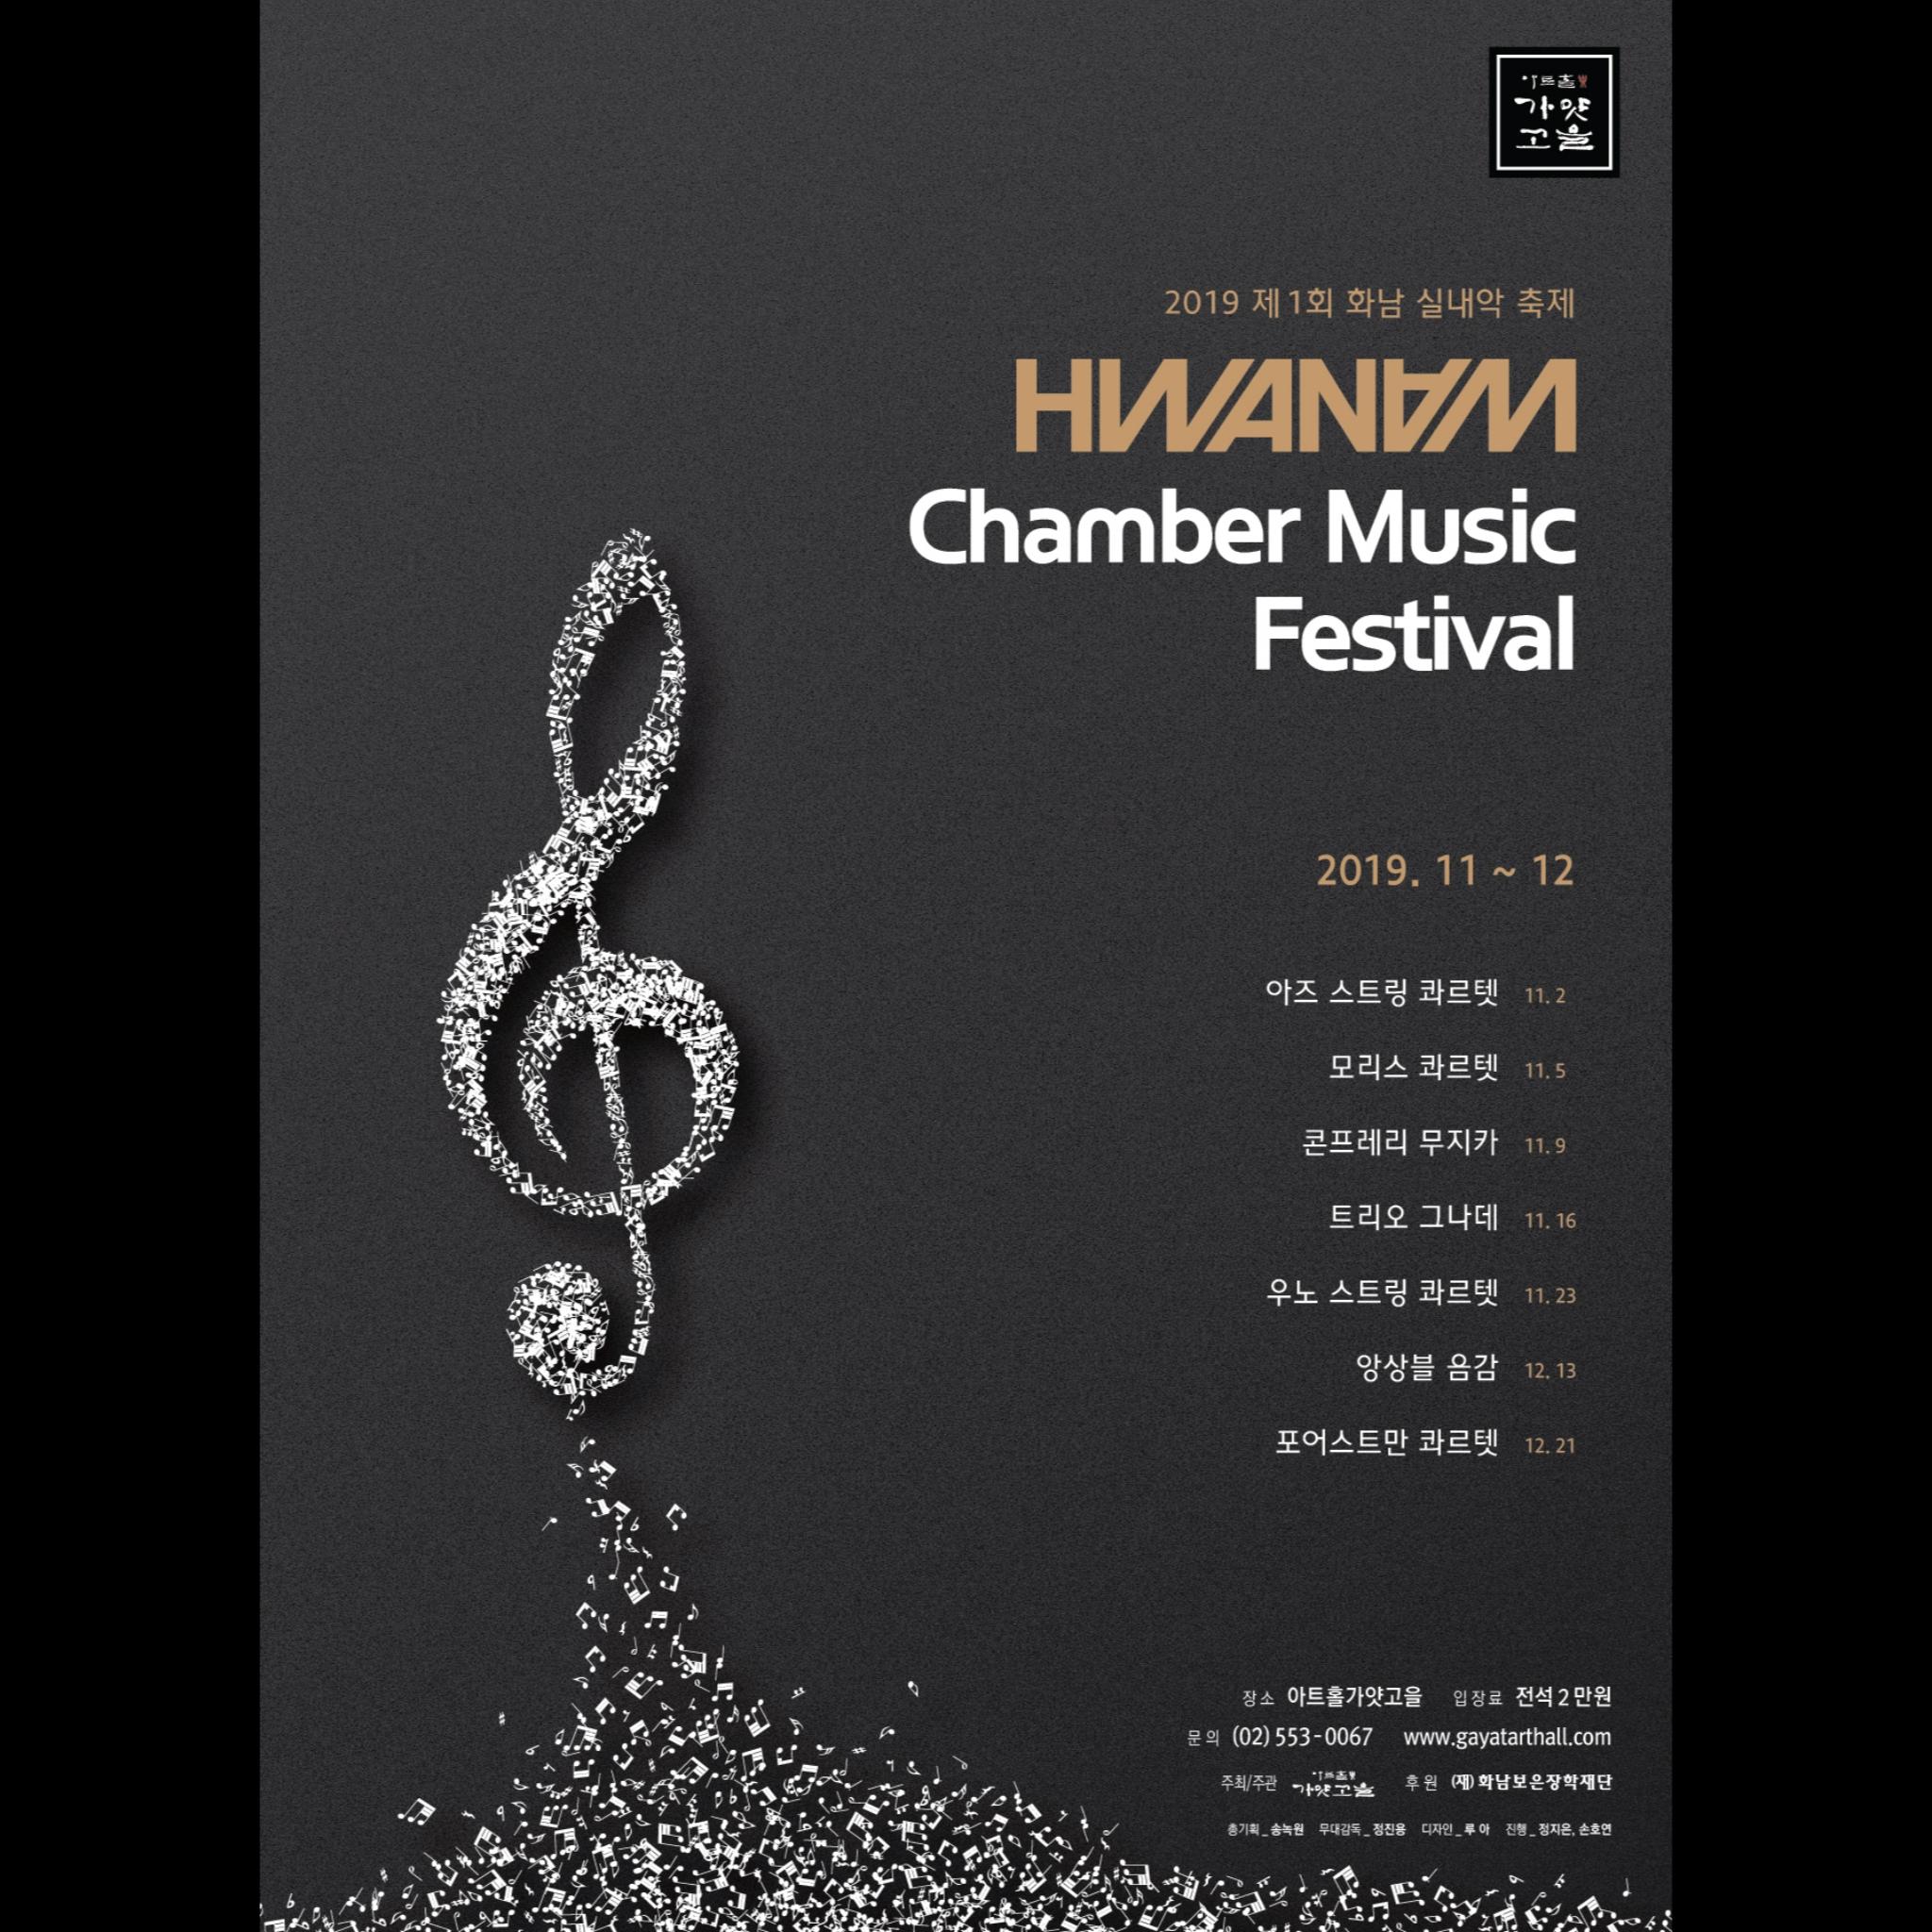 우노 스트링 콰르텟 - 위대한 작곡가, 화남으로의 초대 '음악에서 오는 겉과 속의 울림과 감동을 찾다.'